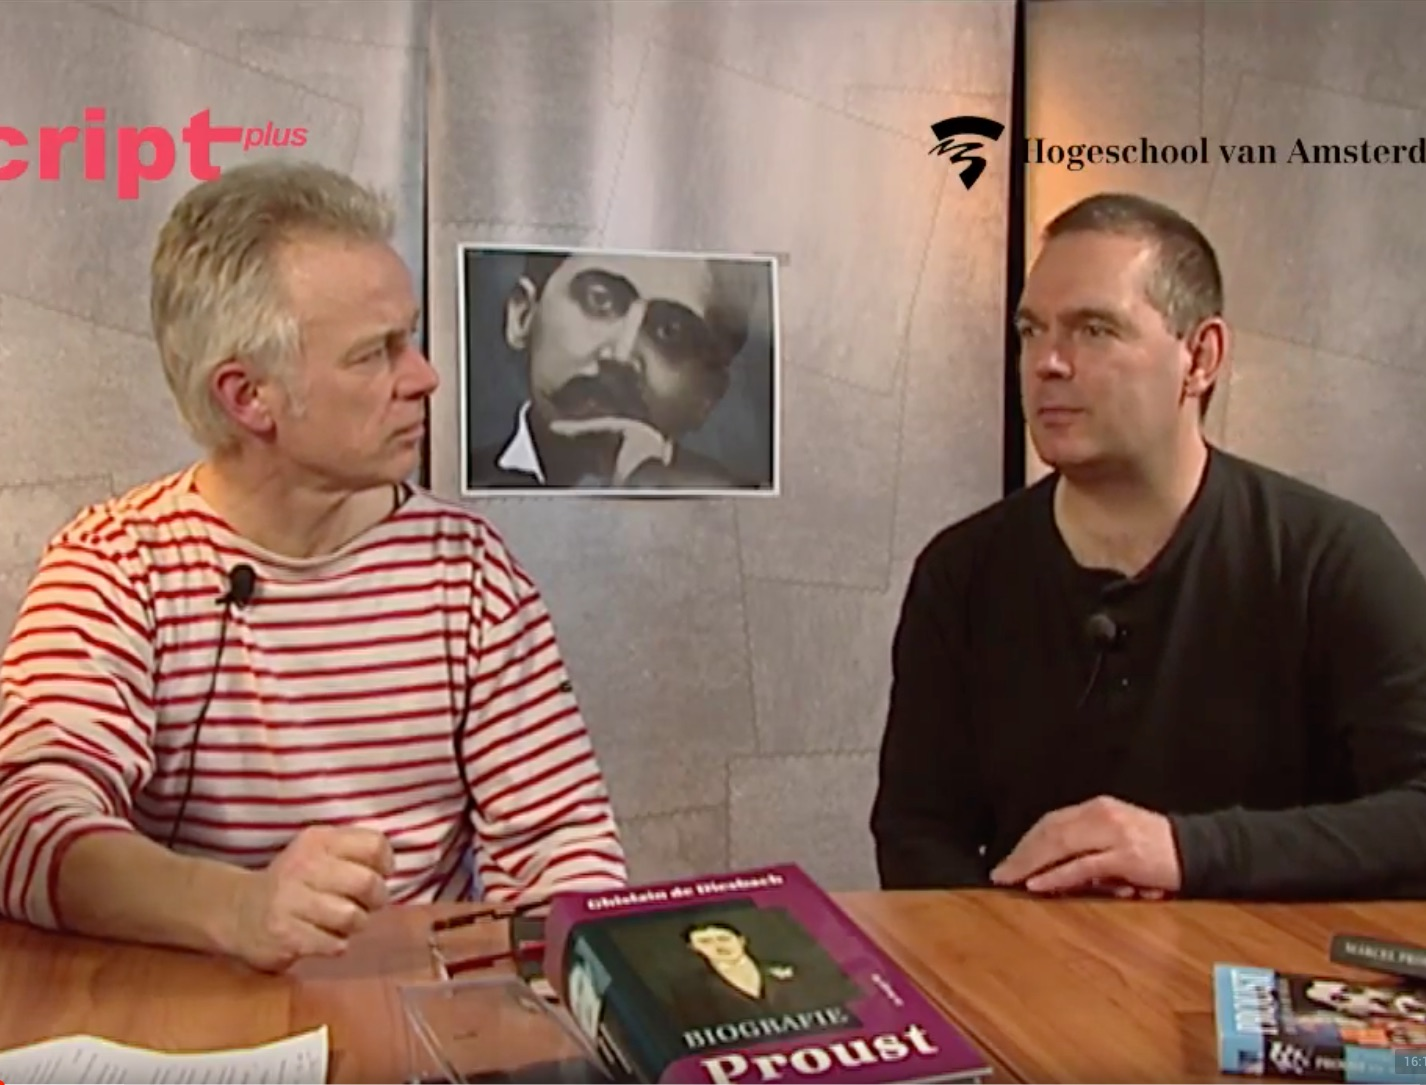 Boekenprogramma 'Uit de school geklapt': Martin de Haan en Rokus Hofstede